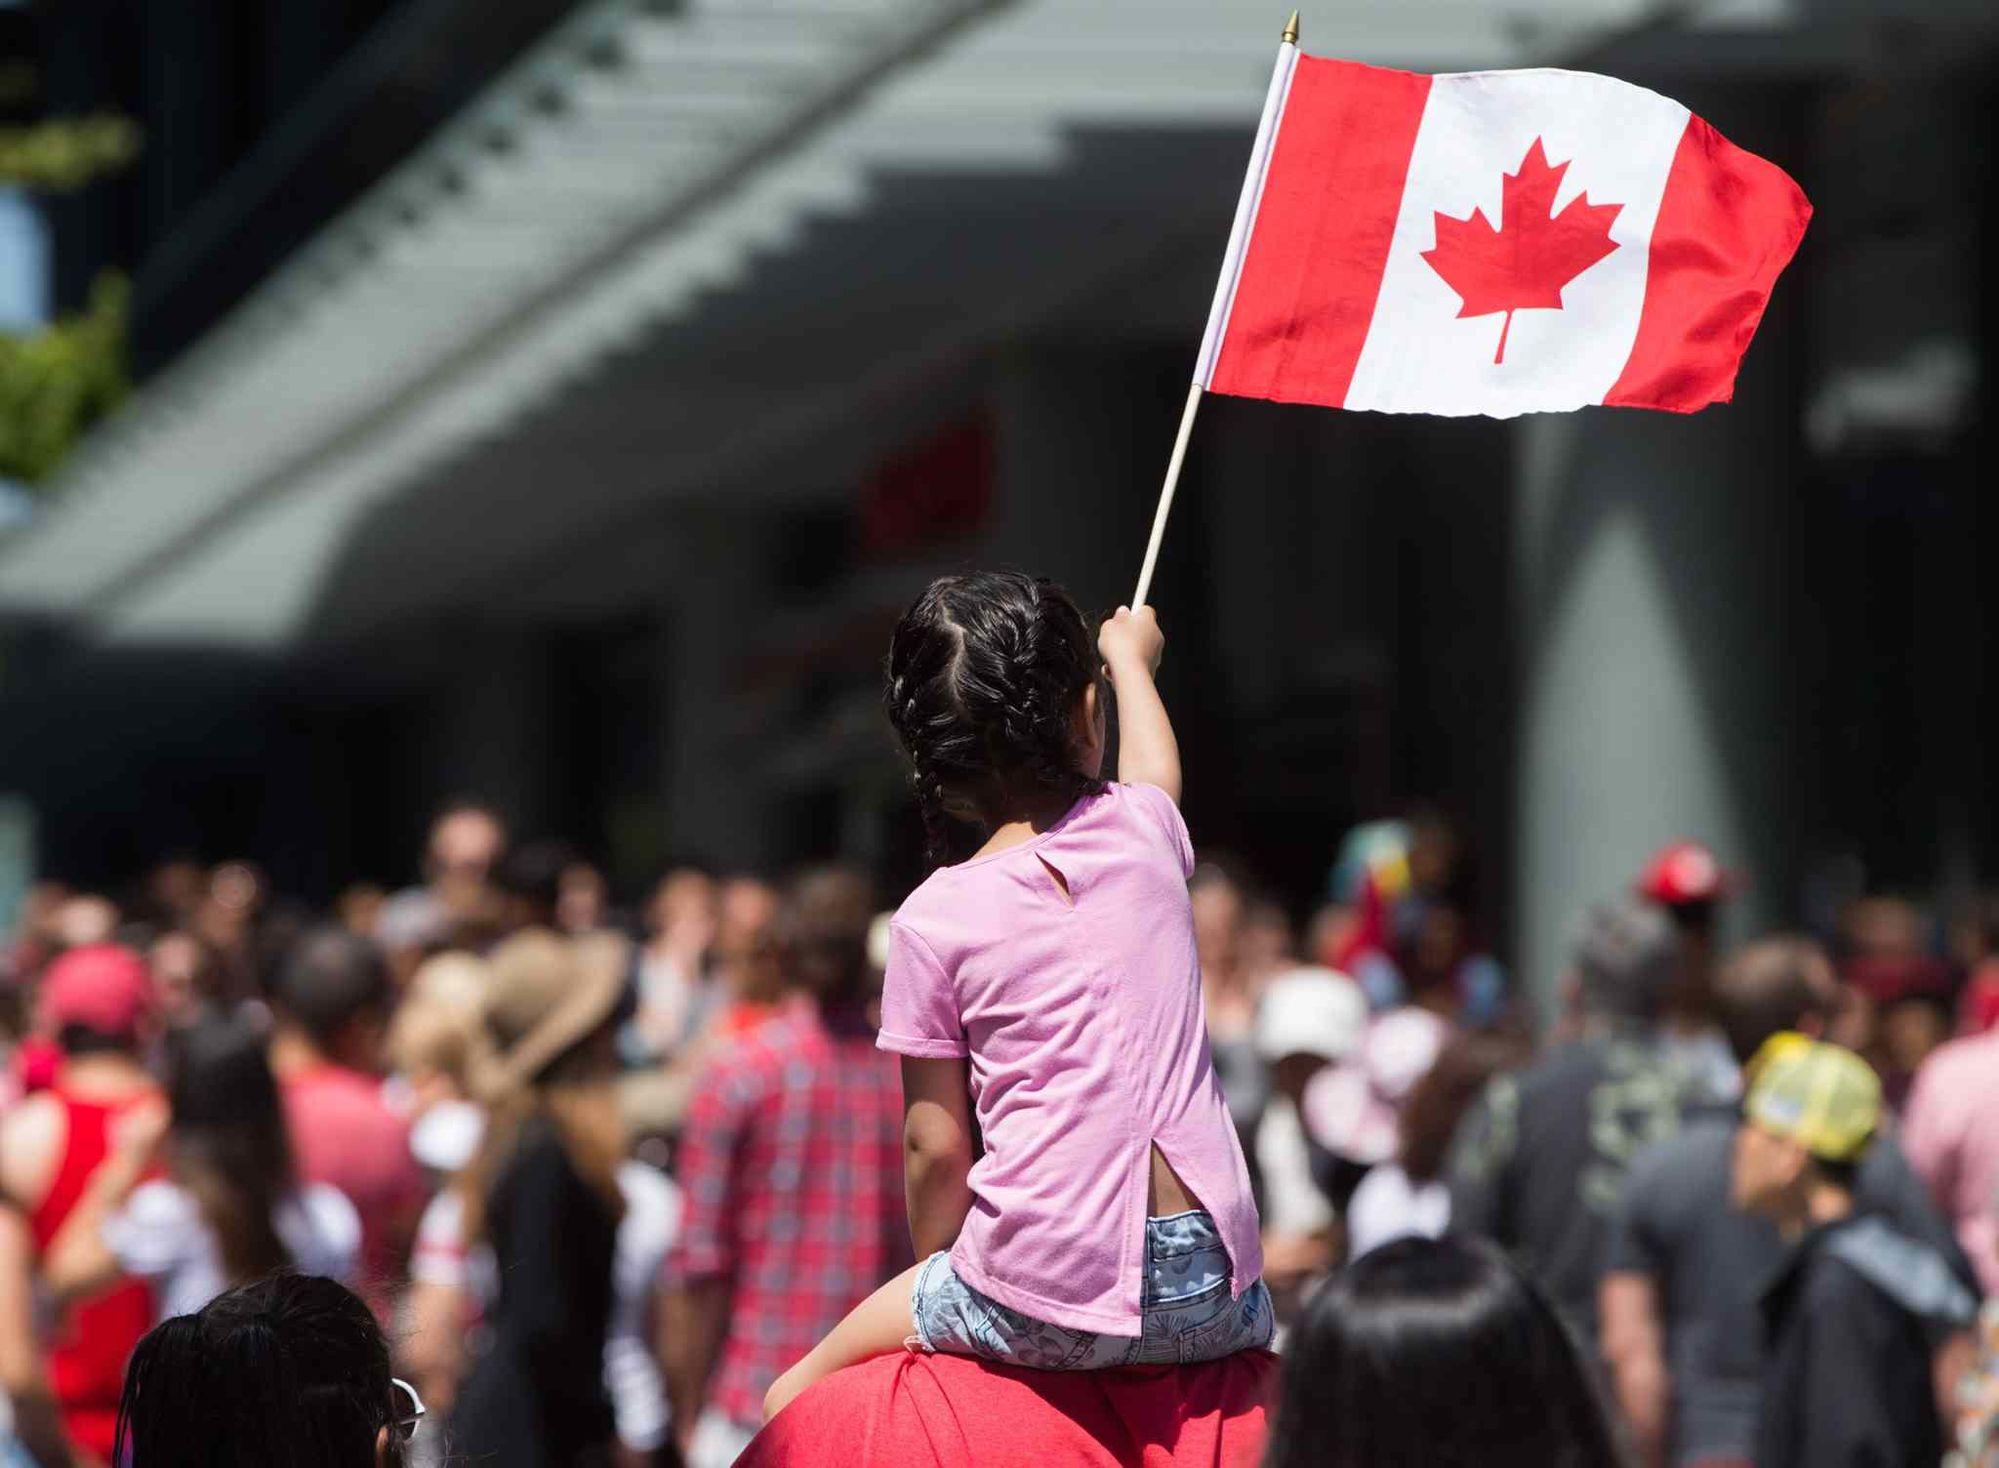 Канада - выход для многих, получивших отказ на прошение об убежище